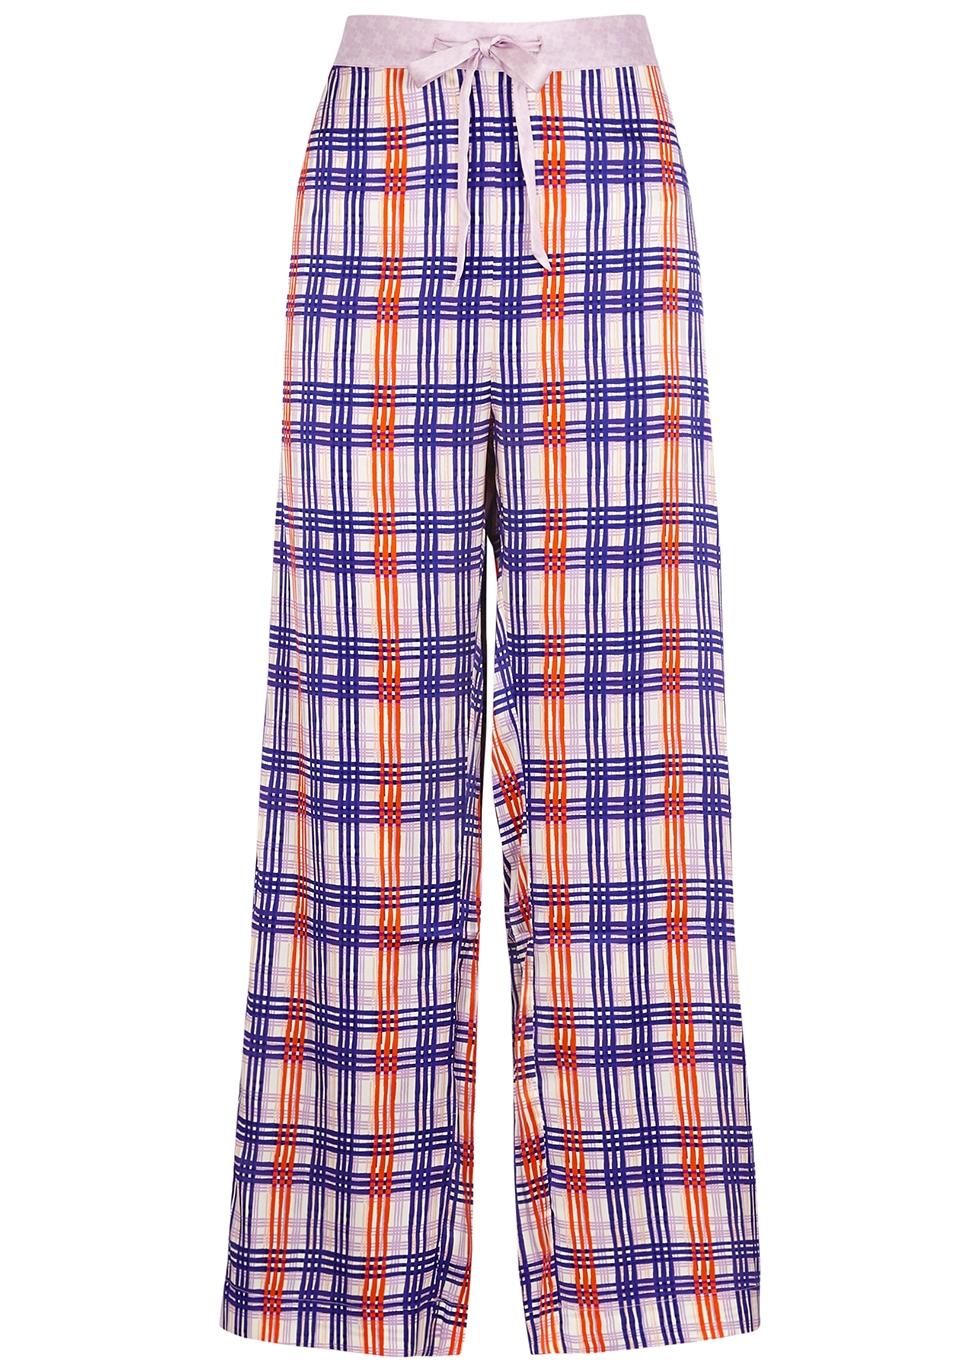 Periwinkle Plaid stretch-silk pyjama trousers